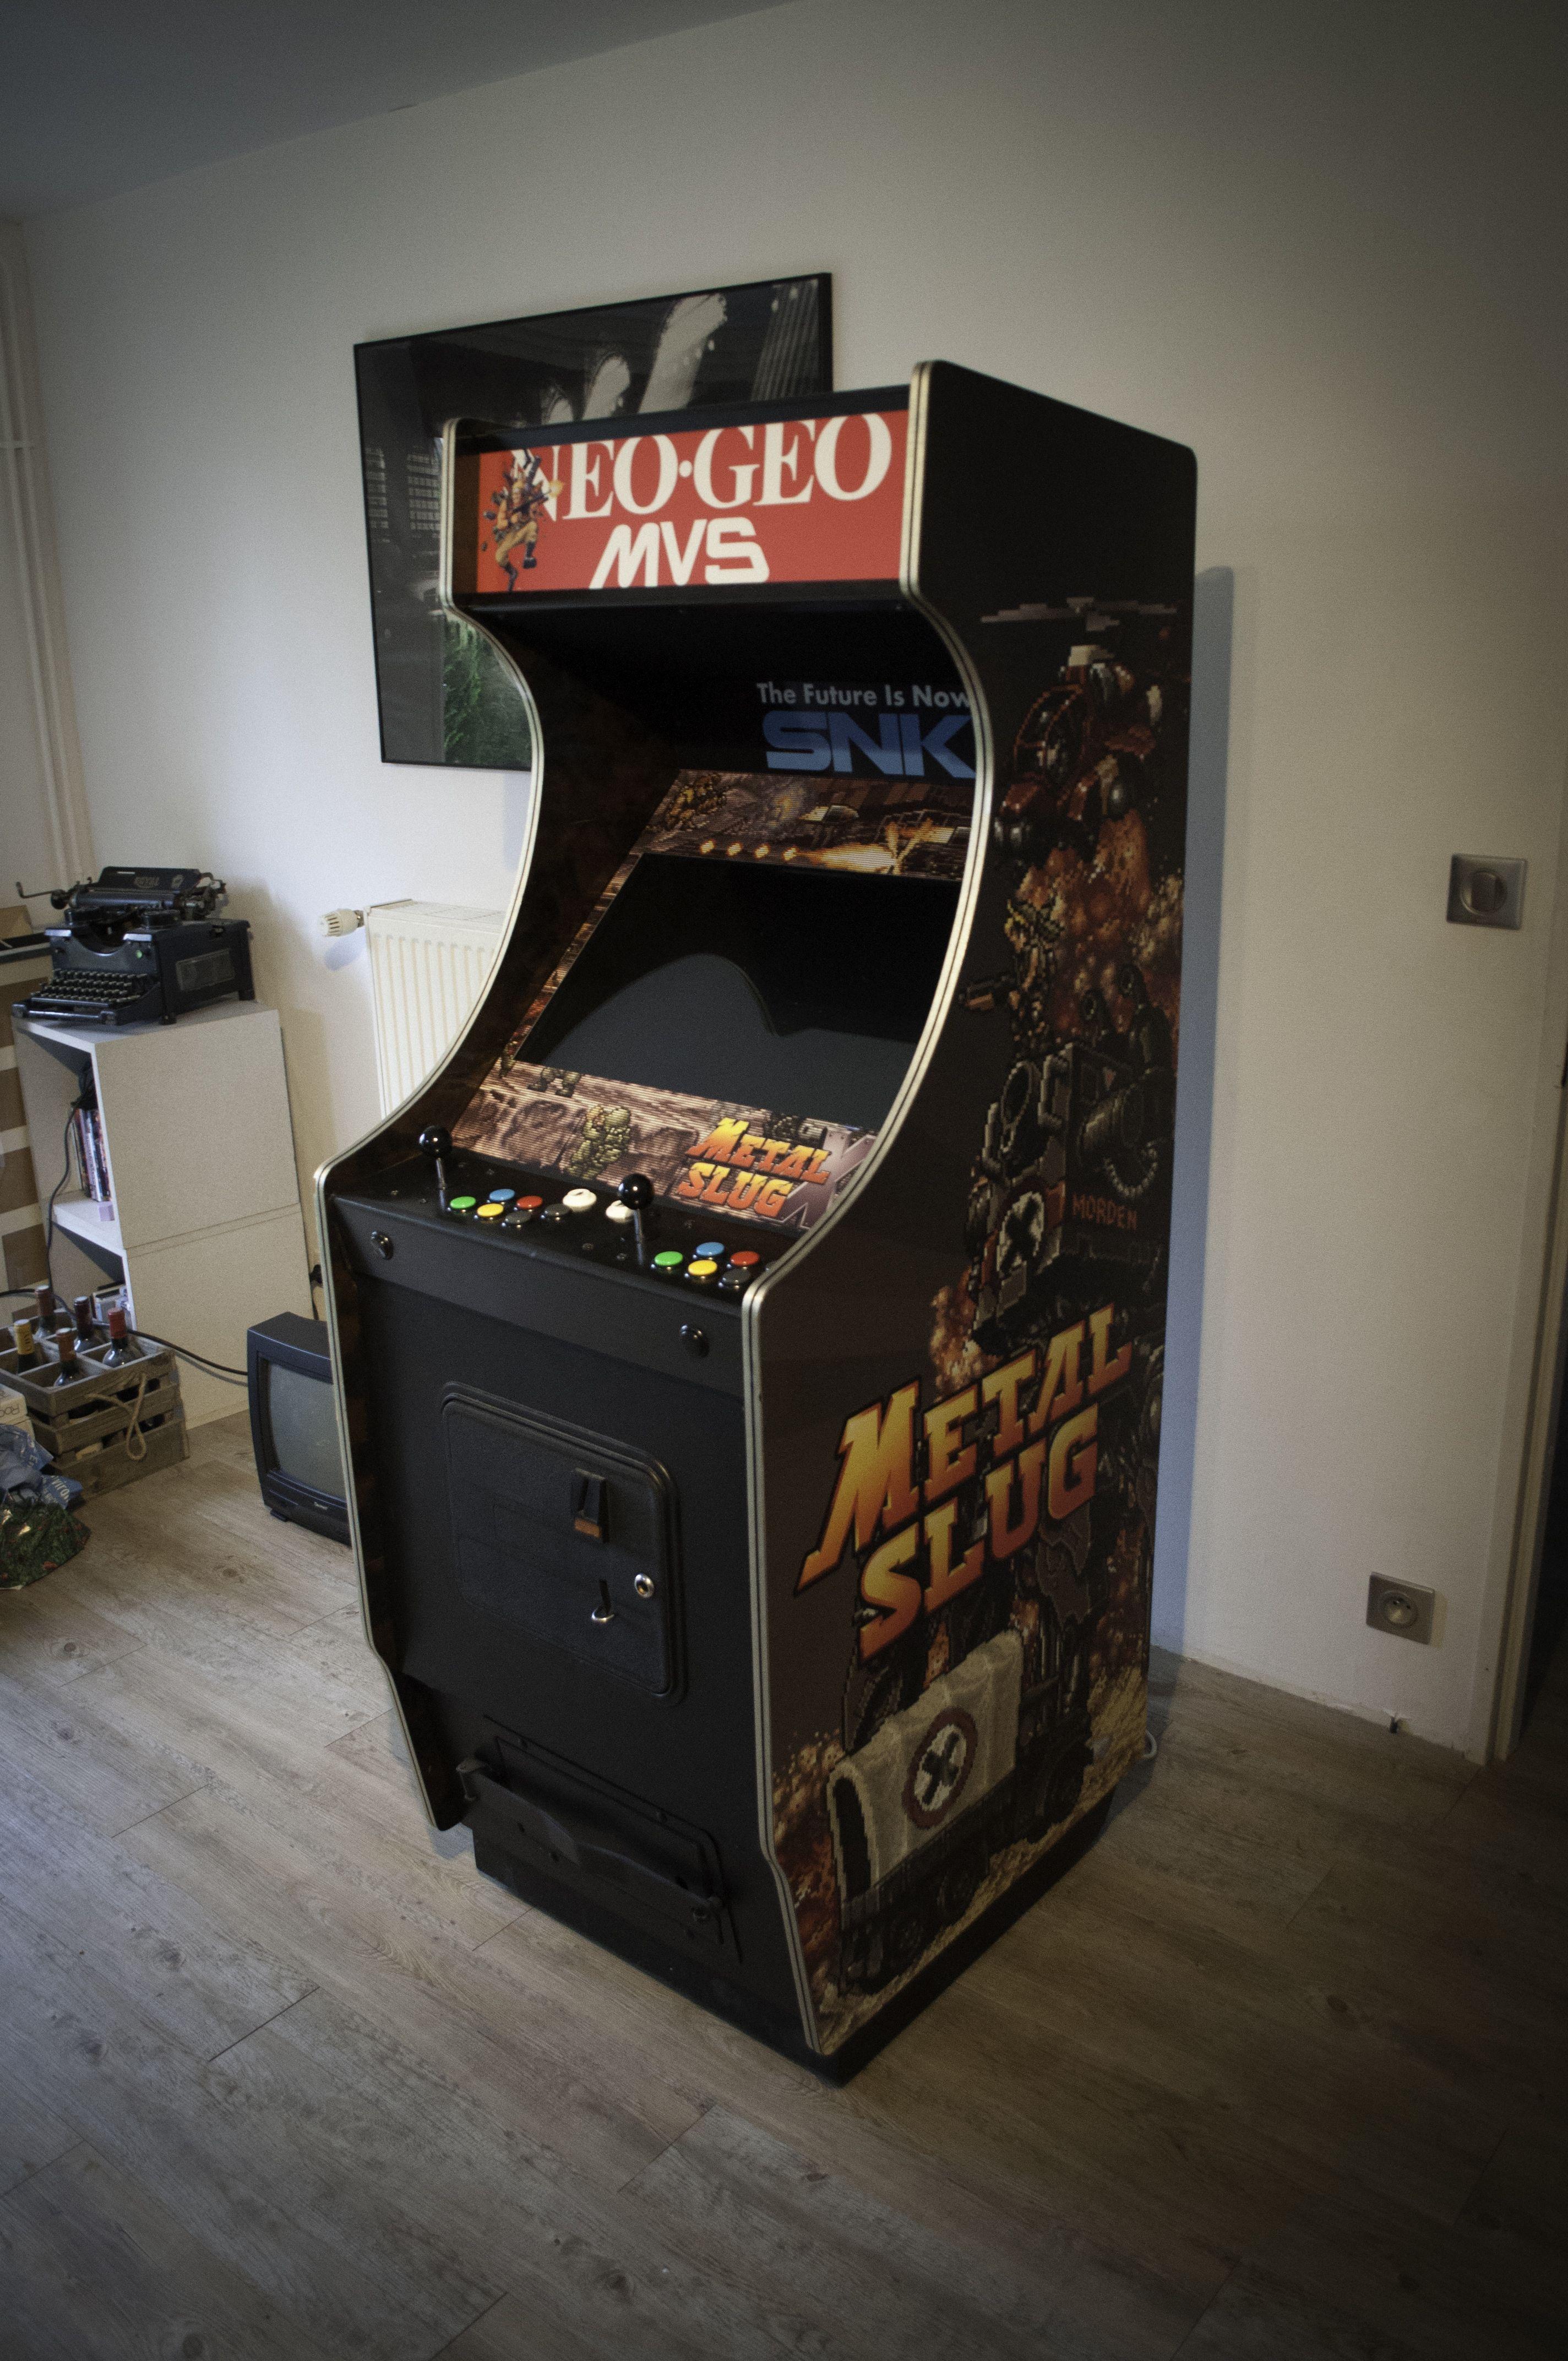 NEO GEO MVS - Metal Slug | Game Geek | Pinterest | Neo geo, Arcade ...